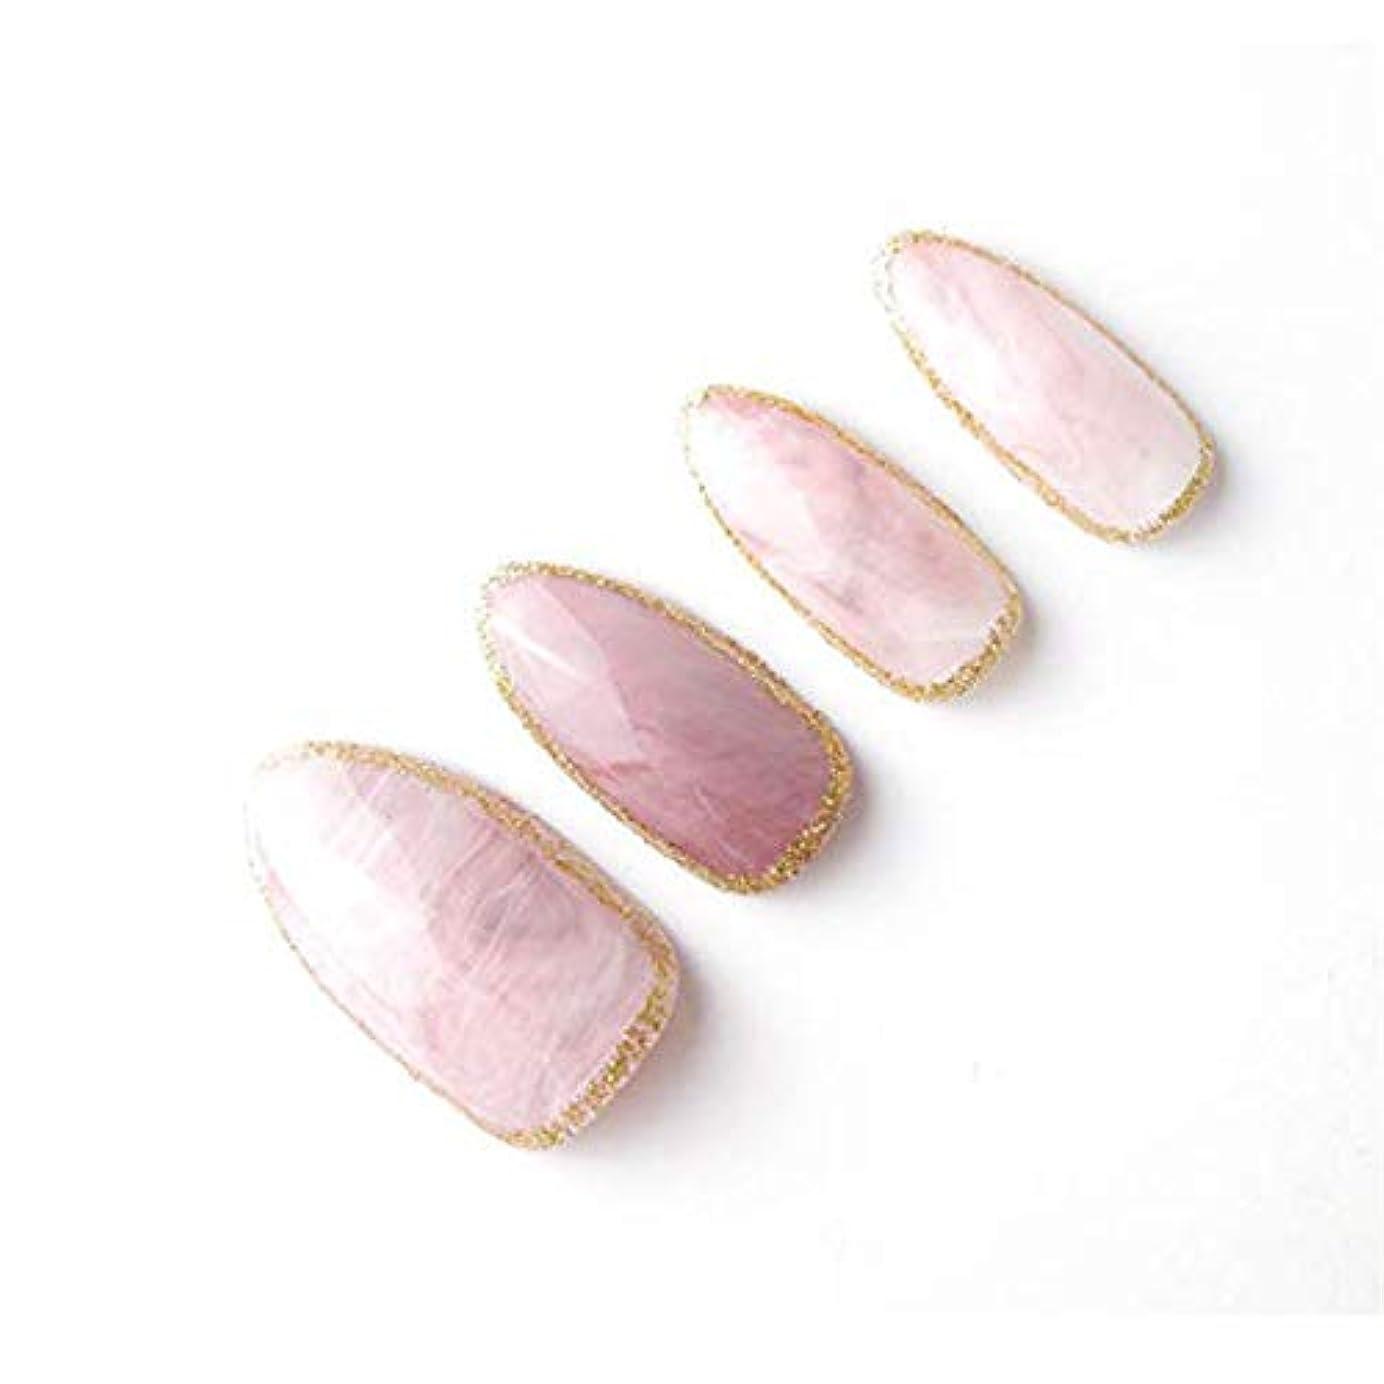 農夫分散セーターYuNail ネイルチップ 24枚 ピンク 石の質感 楕円形状 短い アクリル